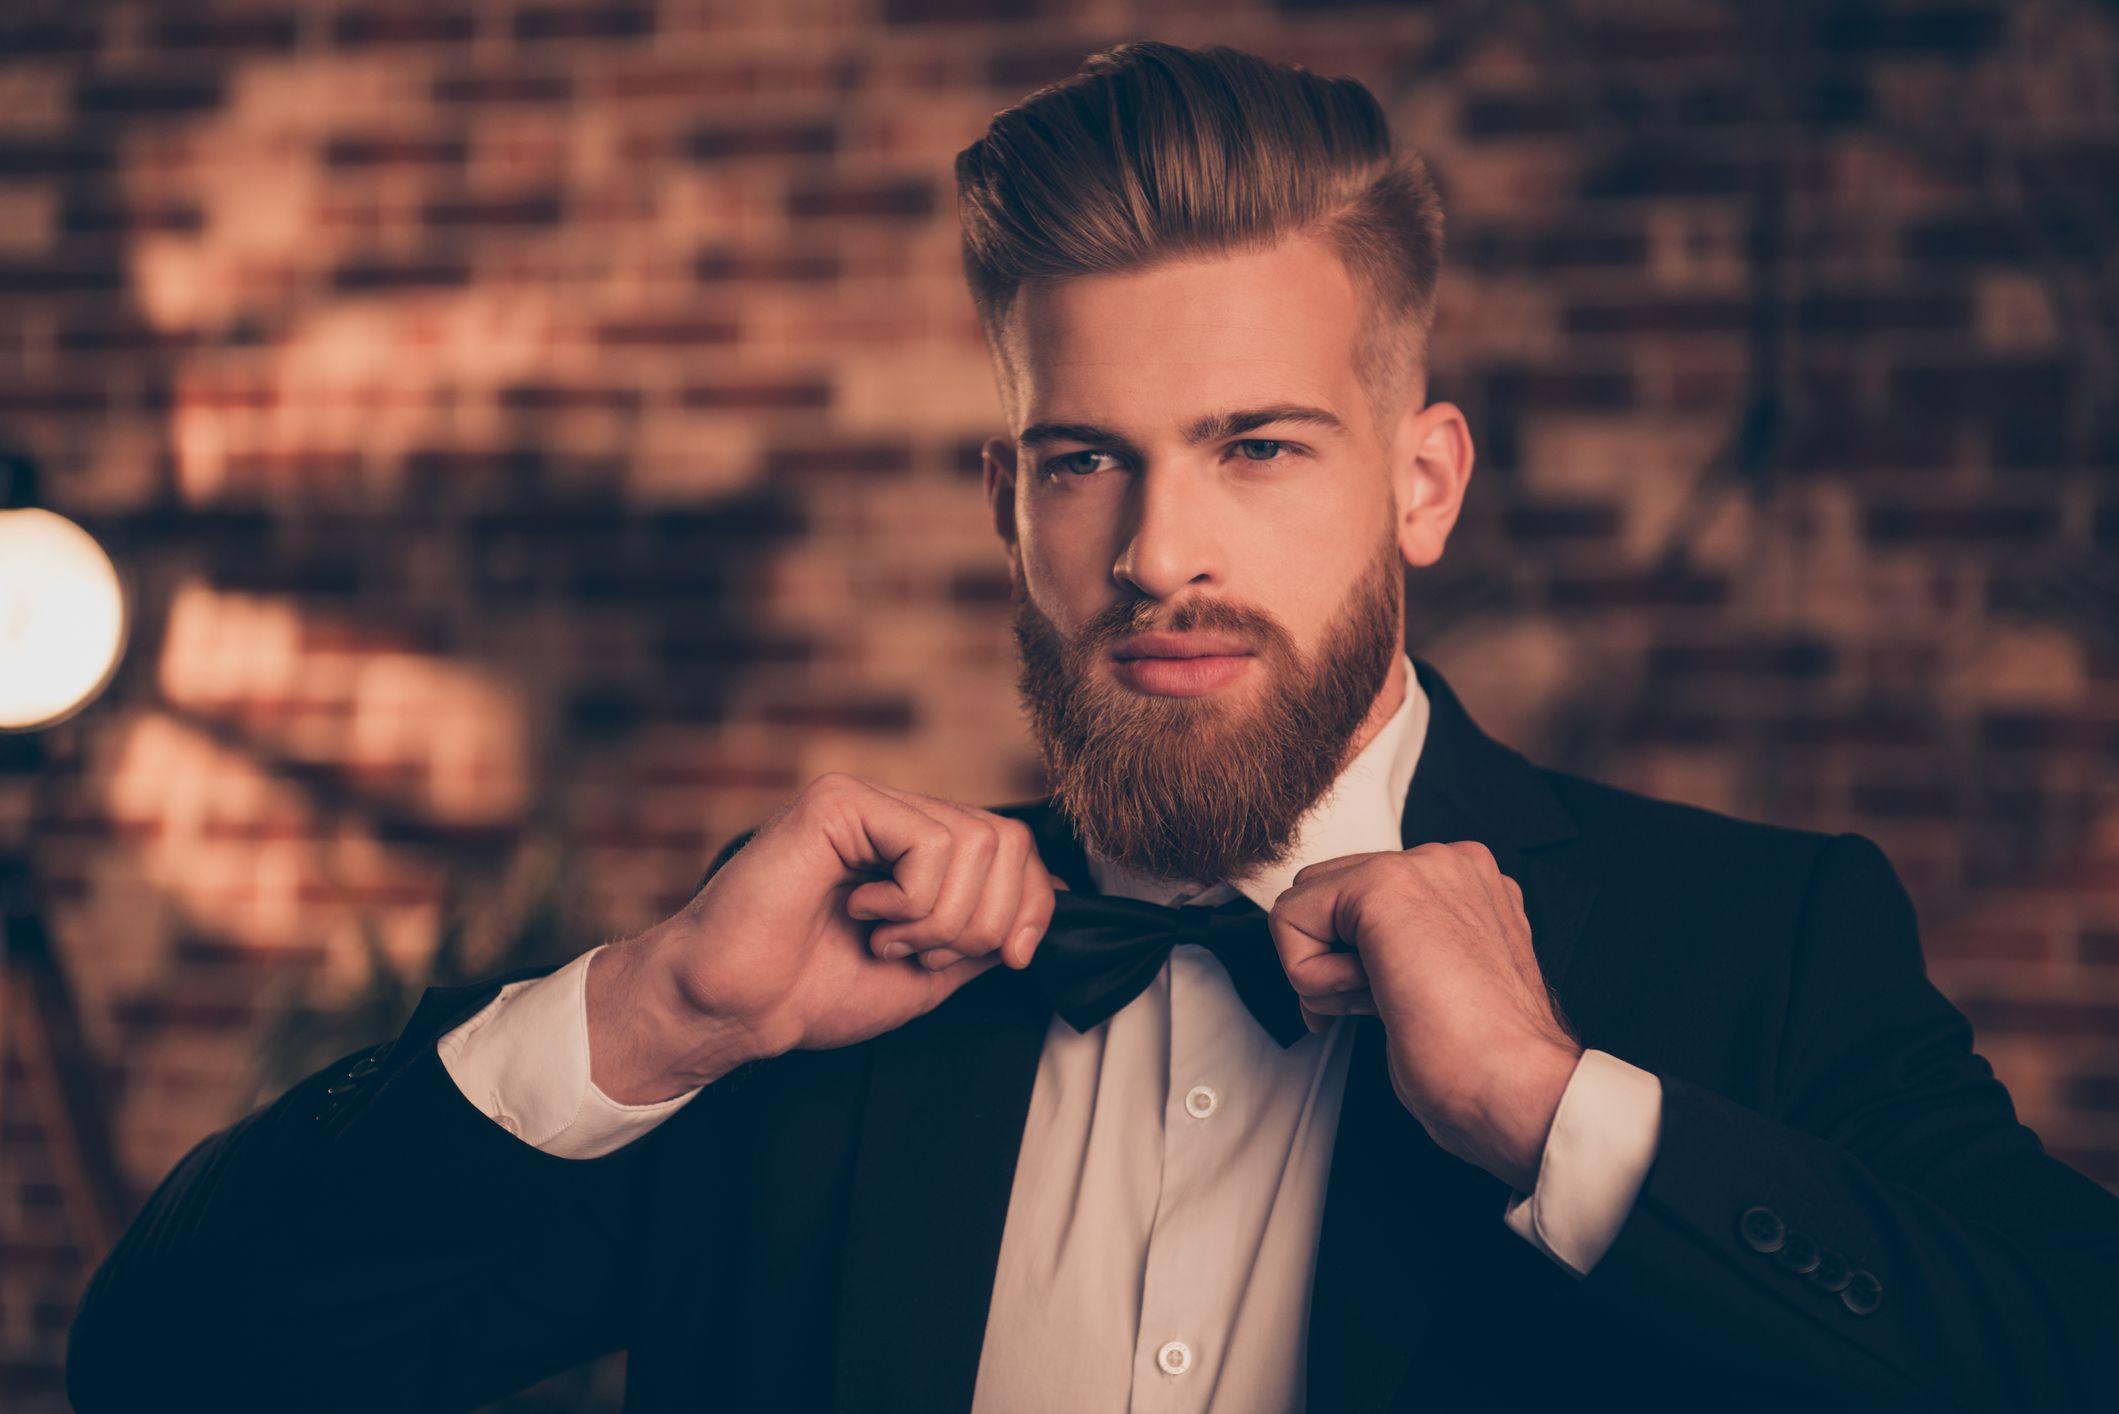 結婚式でNG知らず! スーツやネクタイなど、男性ゲストの服装は